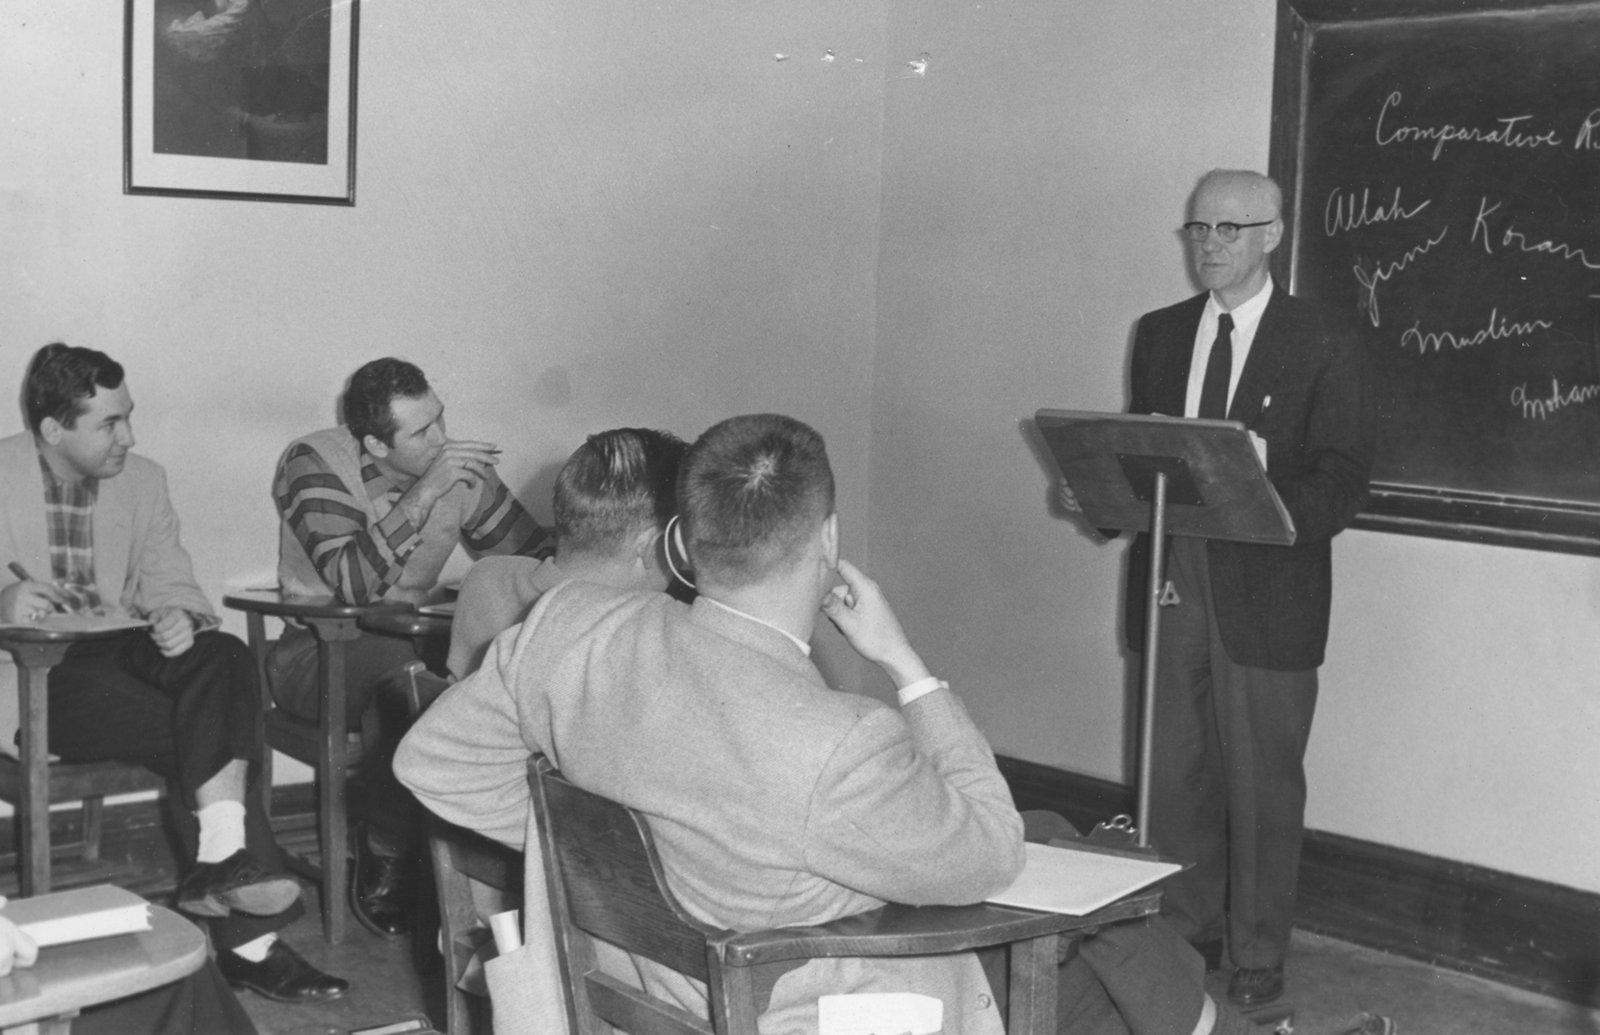 Otto Heick in classroom